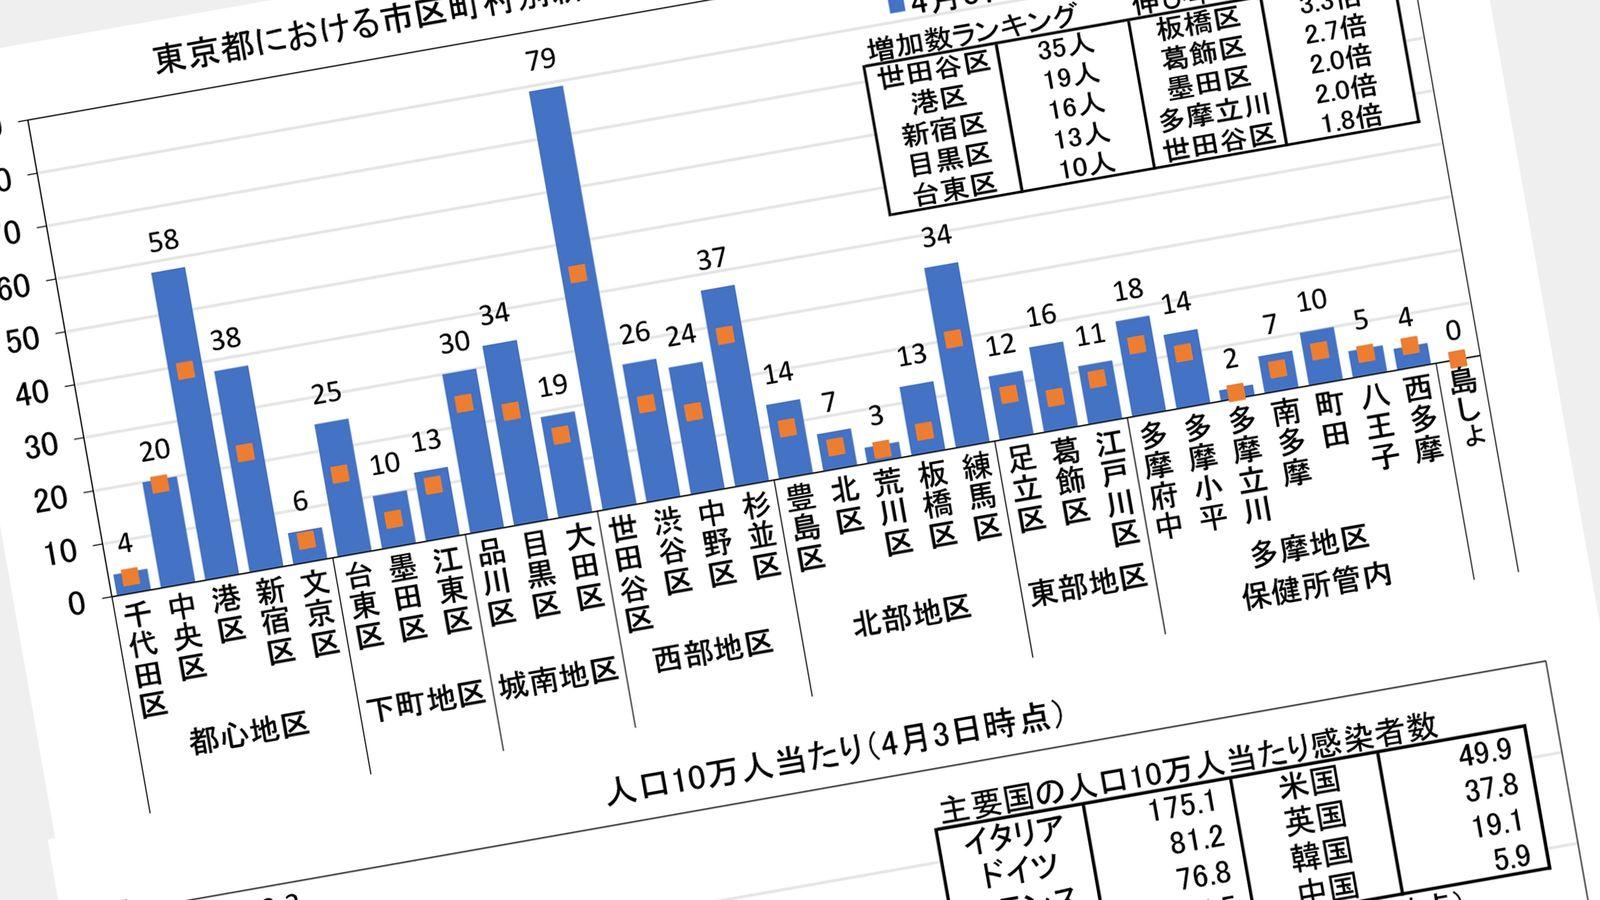 新型コロナ「感染率」ワースト1位は東京ではなく、福井だった 10万人当たり感染者数で見えた真実